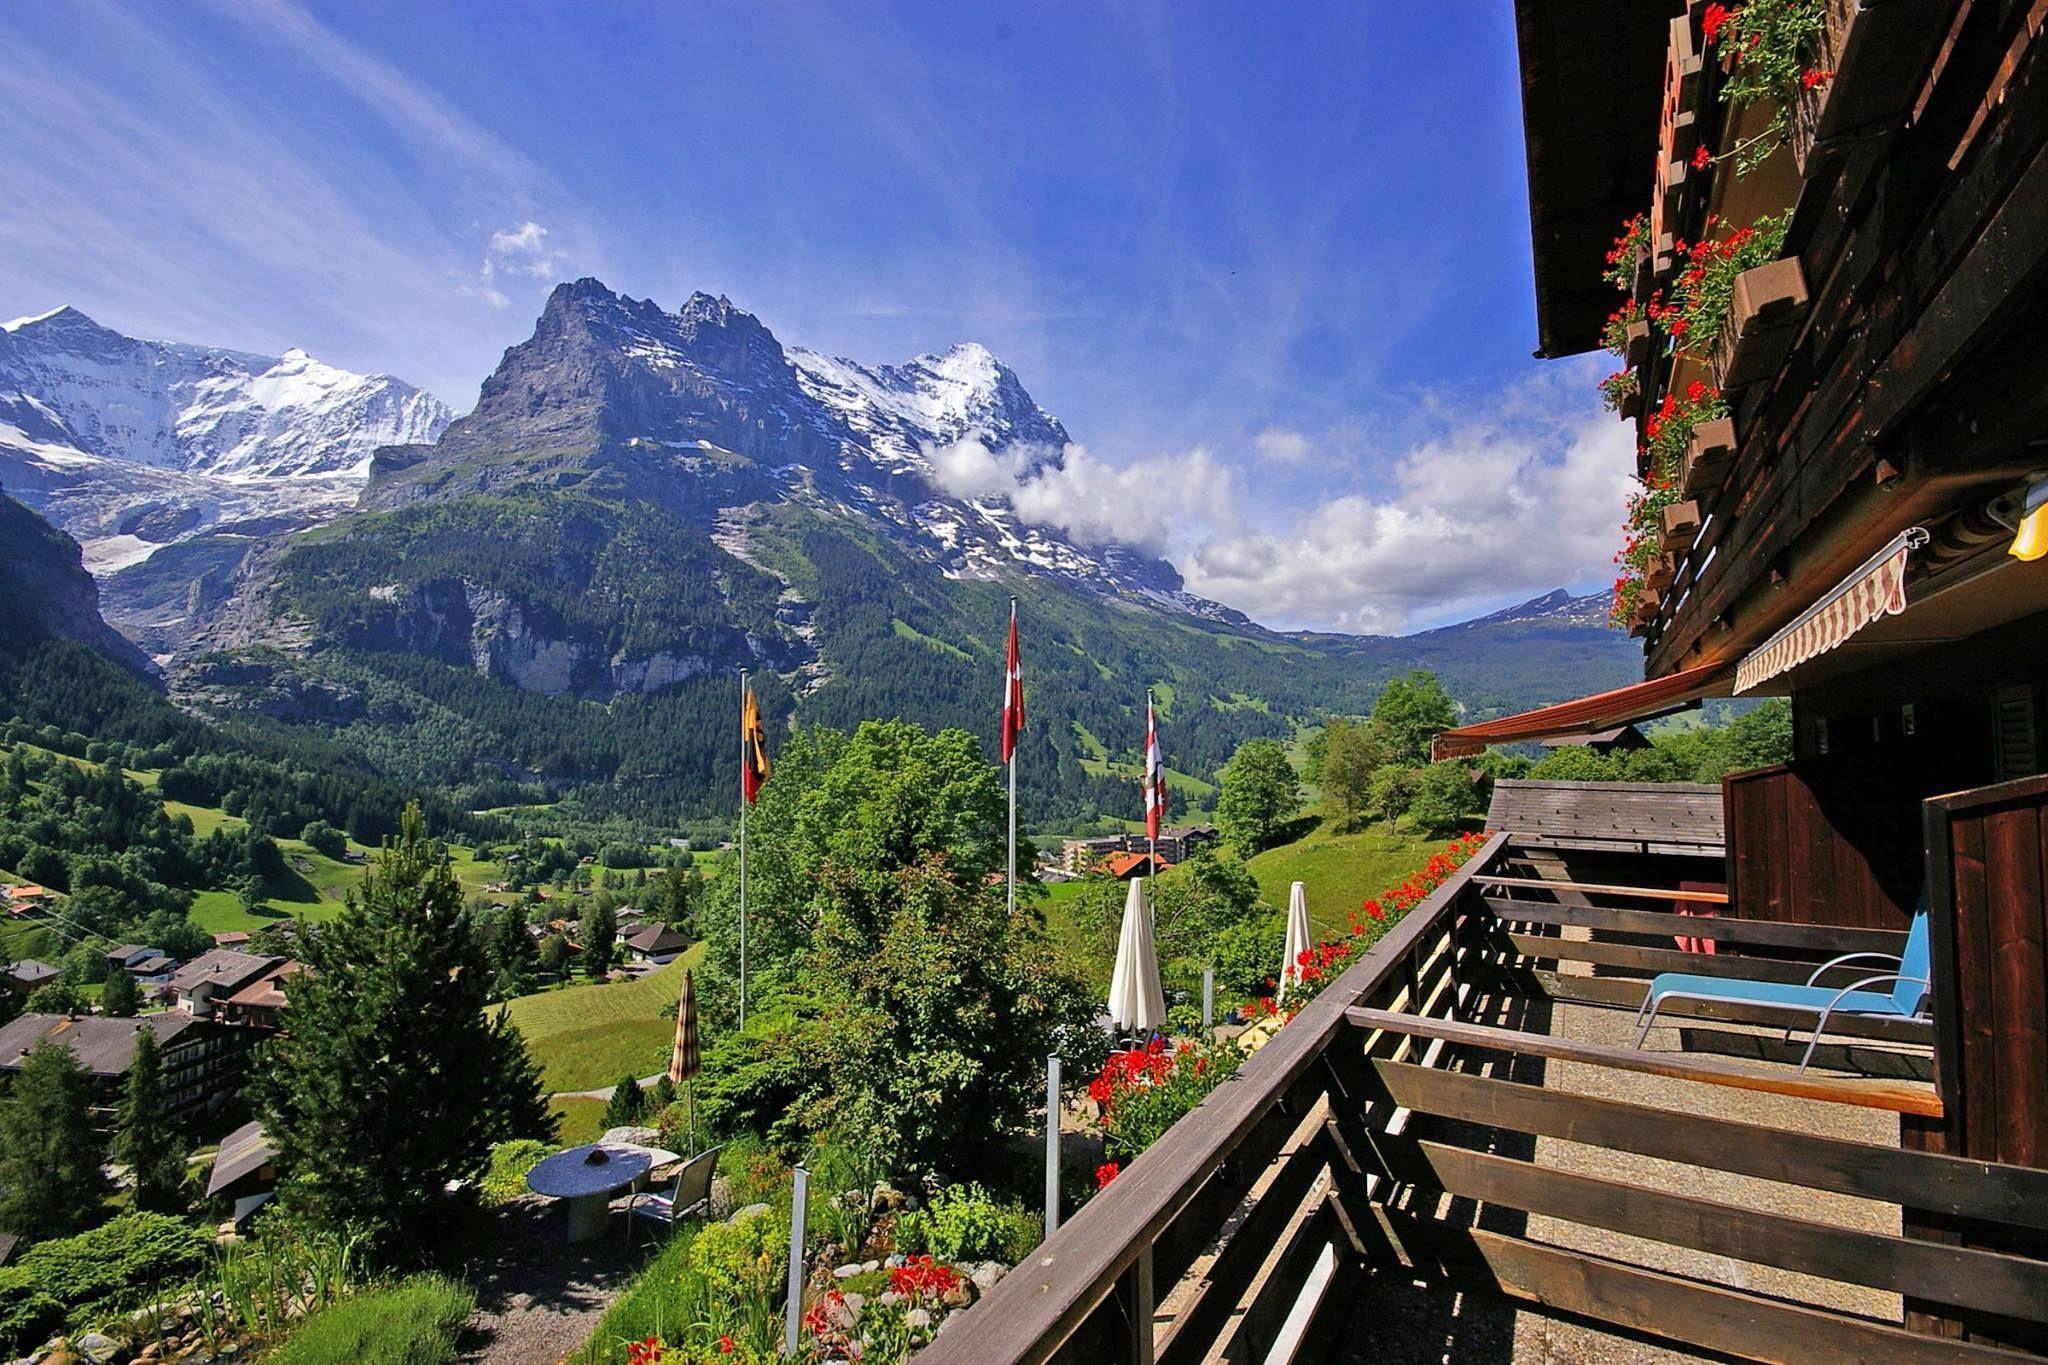 Hotel Kirchbuhl has epic views of Switzerland, Switzerland views